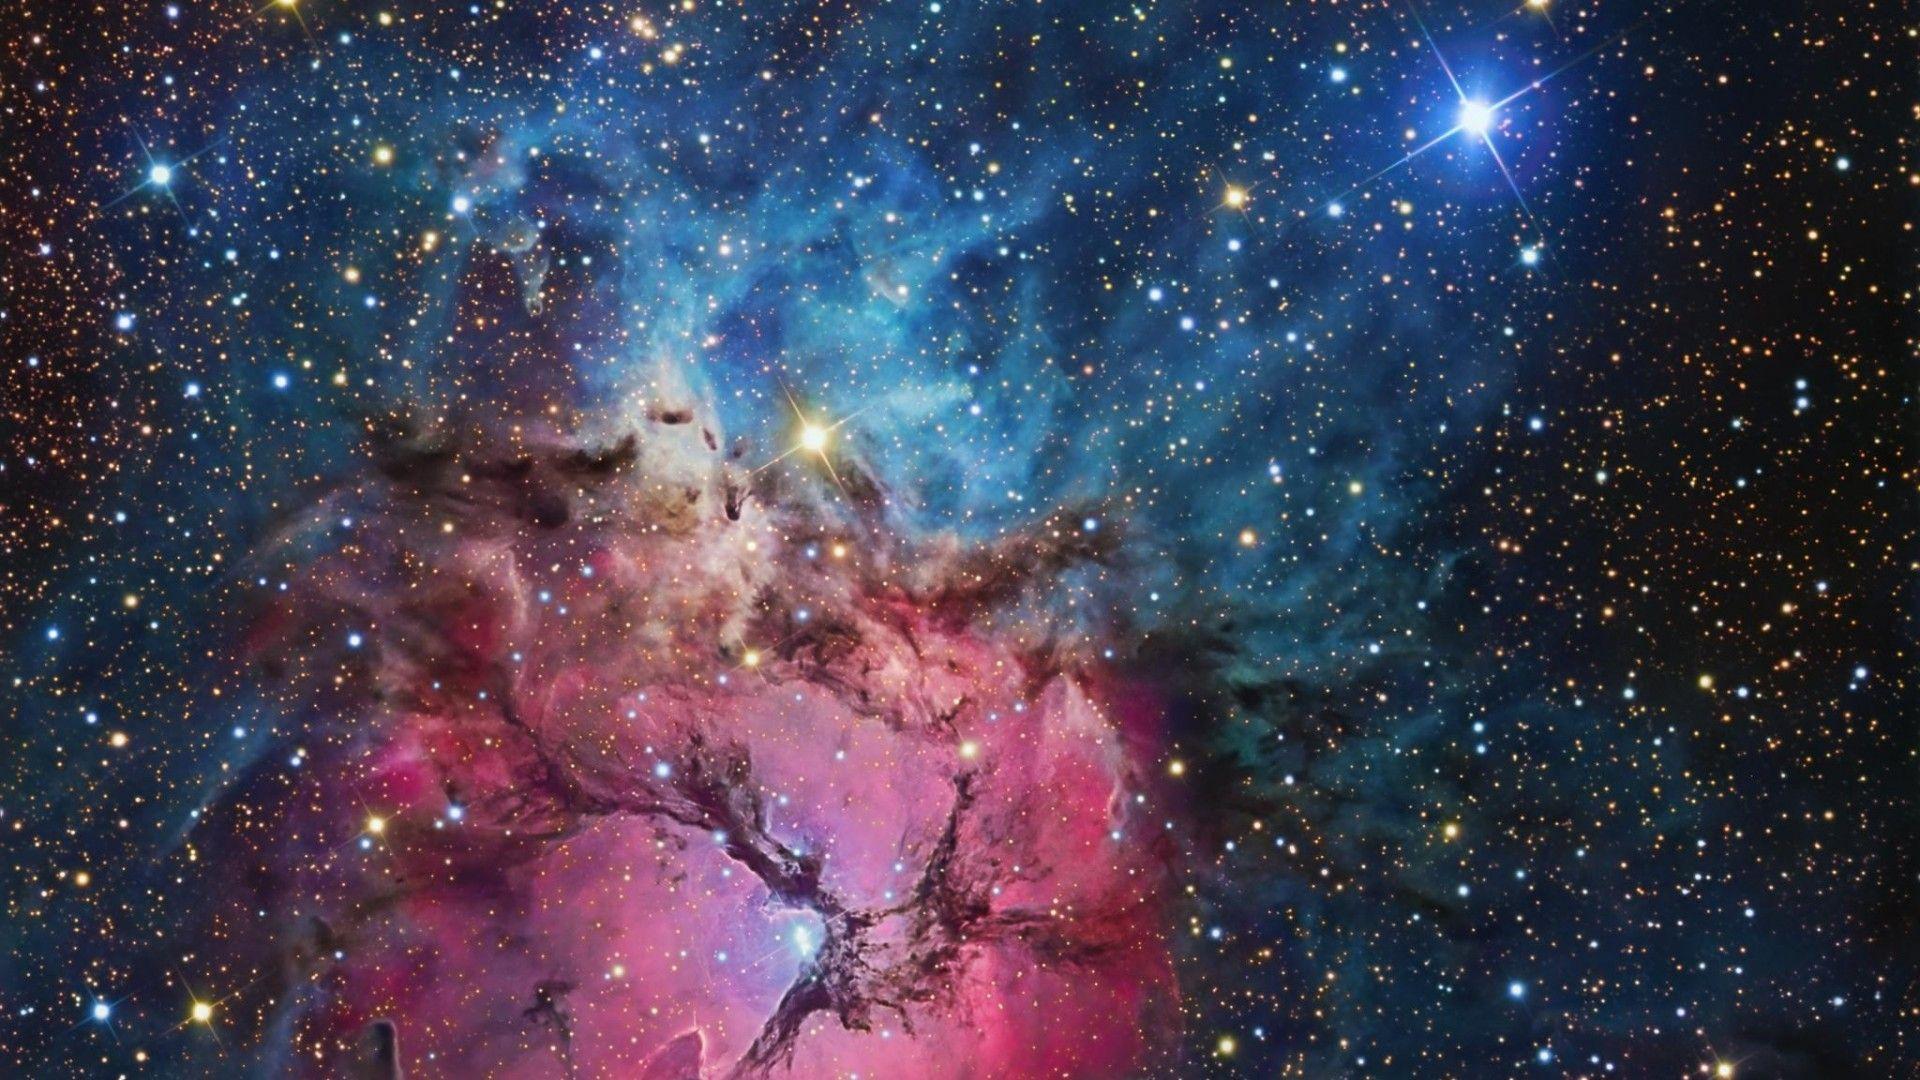 Hubble Space Telescope Wallpaper 4k